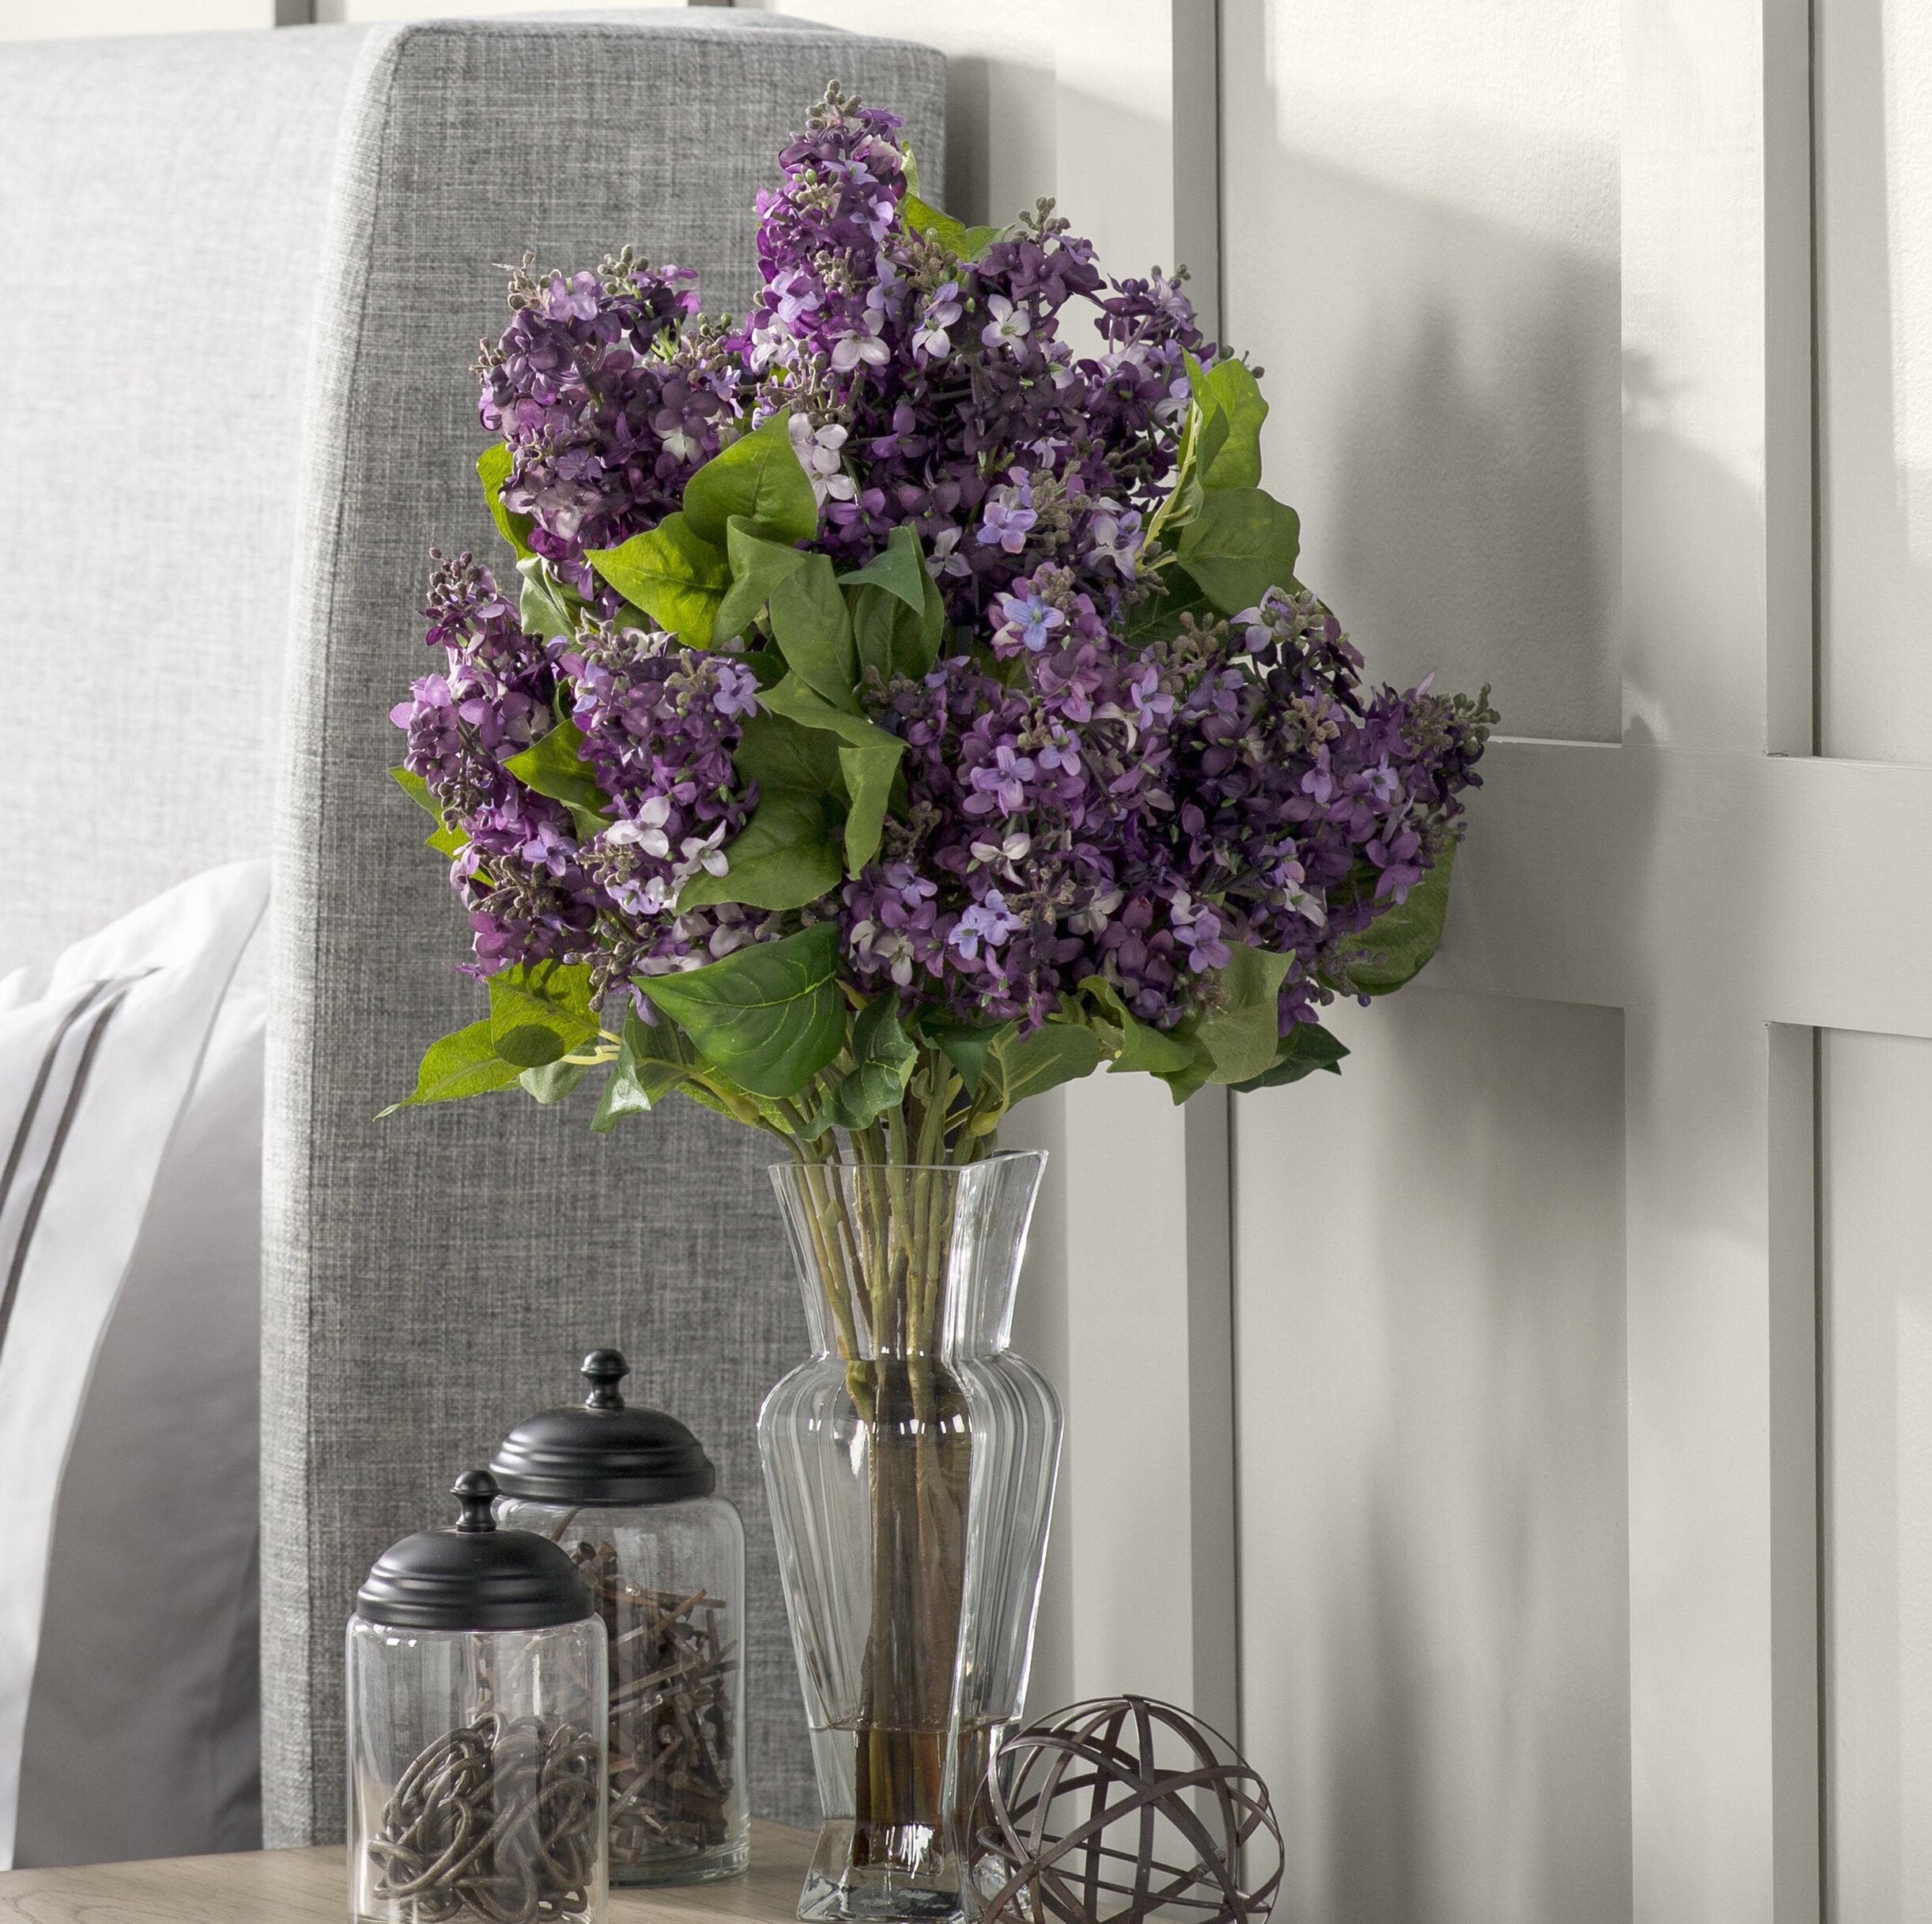 Lilac Floral Arrangement In Vase Reviews Joss Main